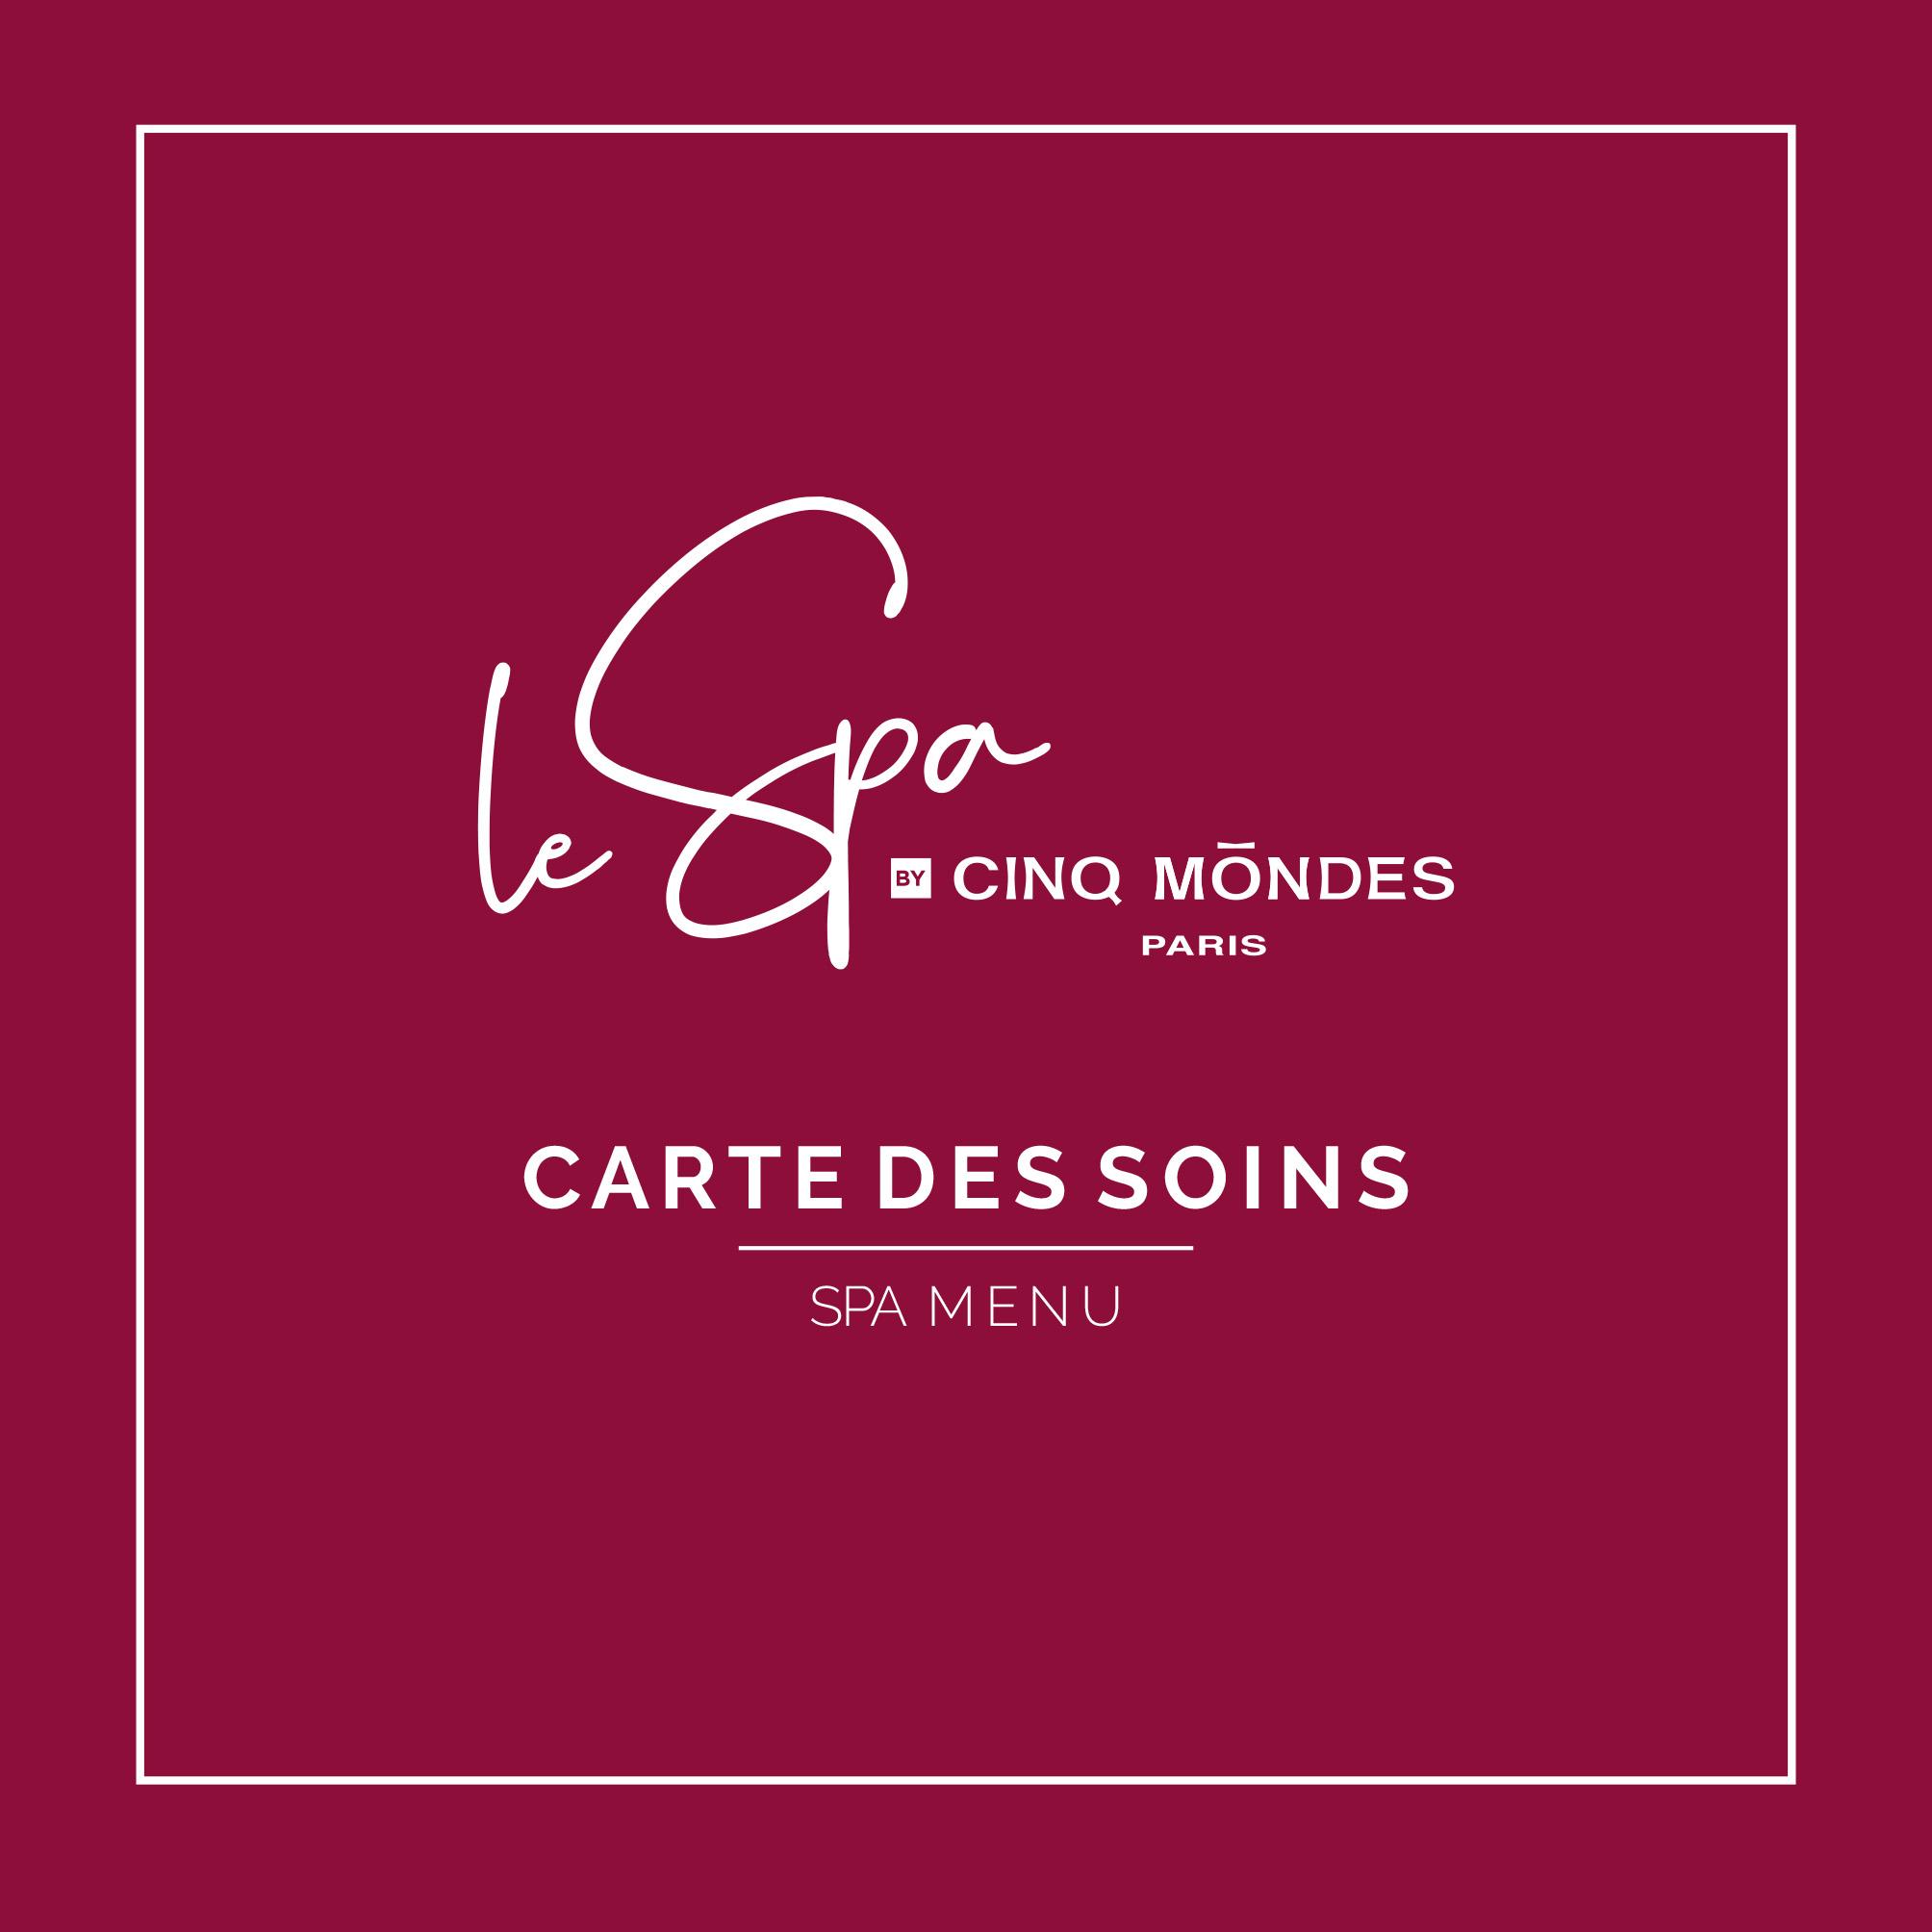 Logo Kyriad SPA Cinq Mondes